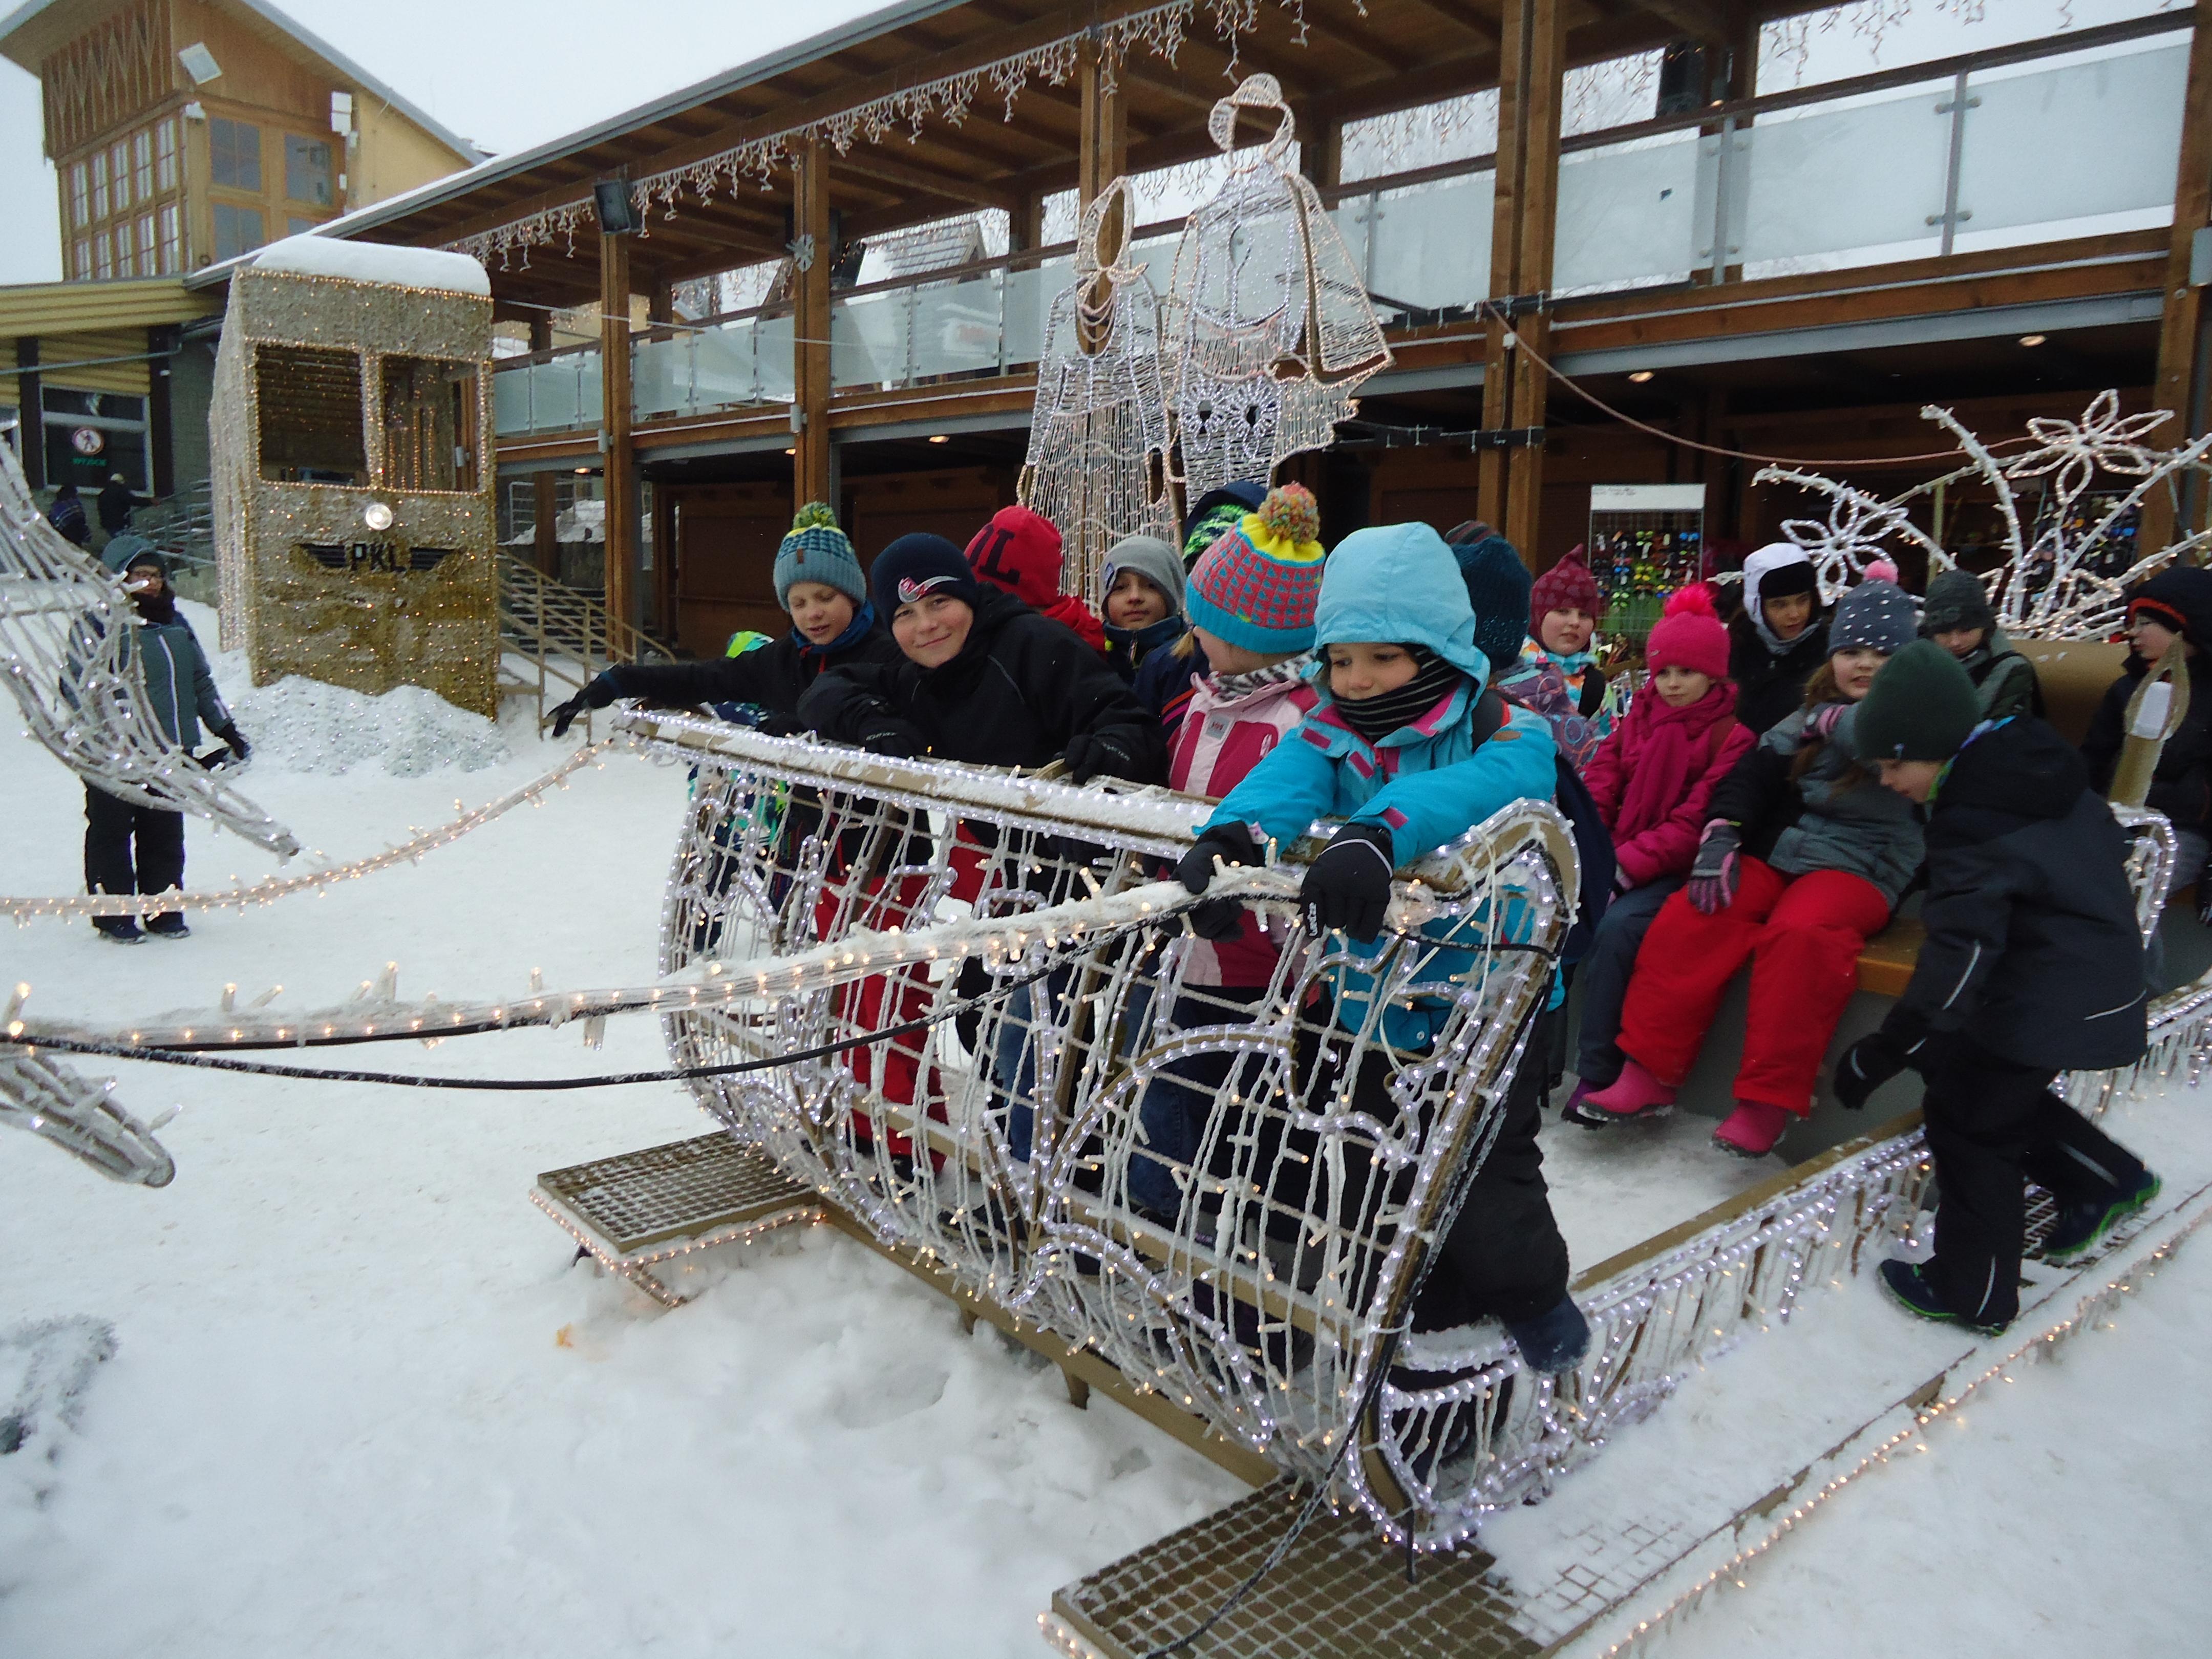 ferie zimowe 2018 biały dunajec obóz narciarski